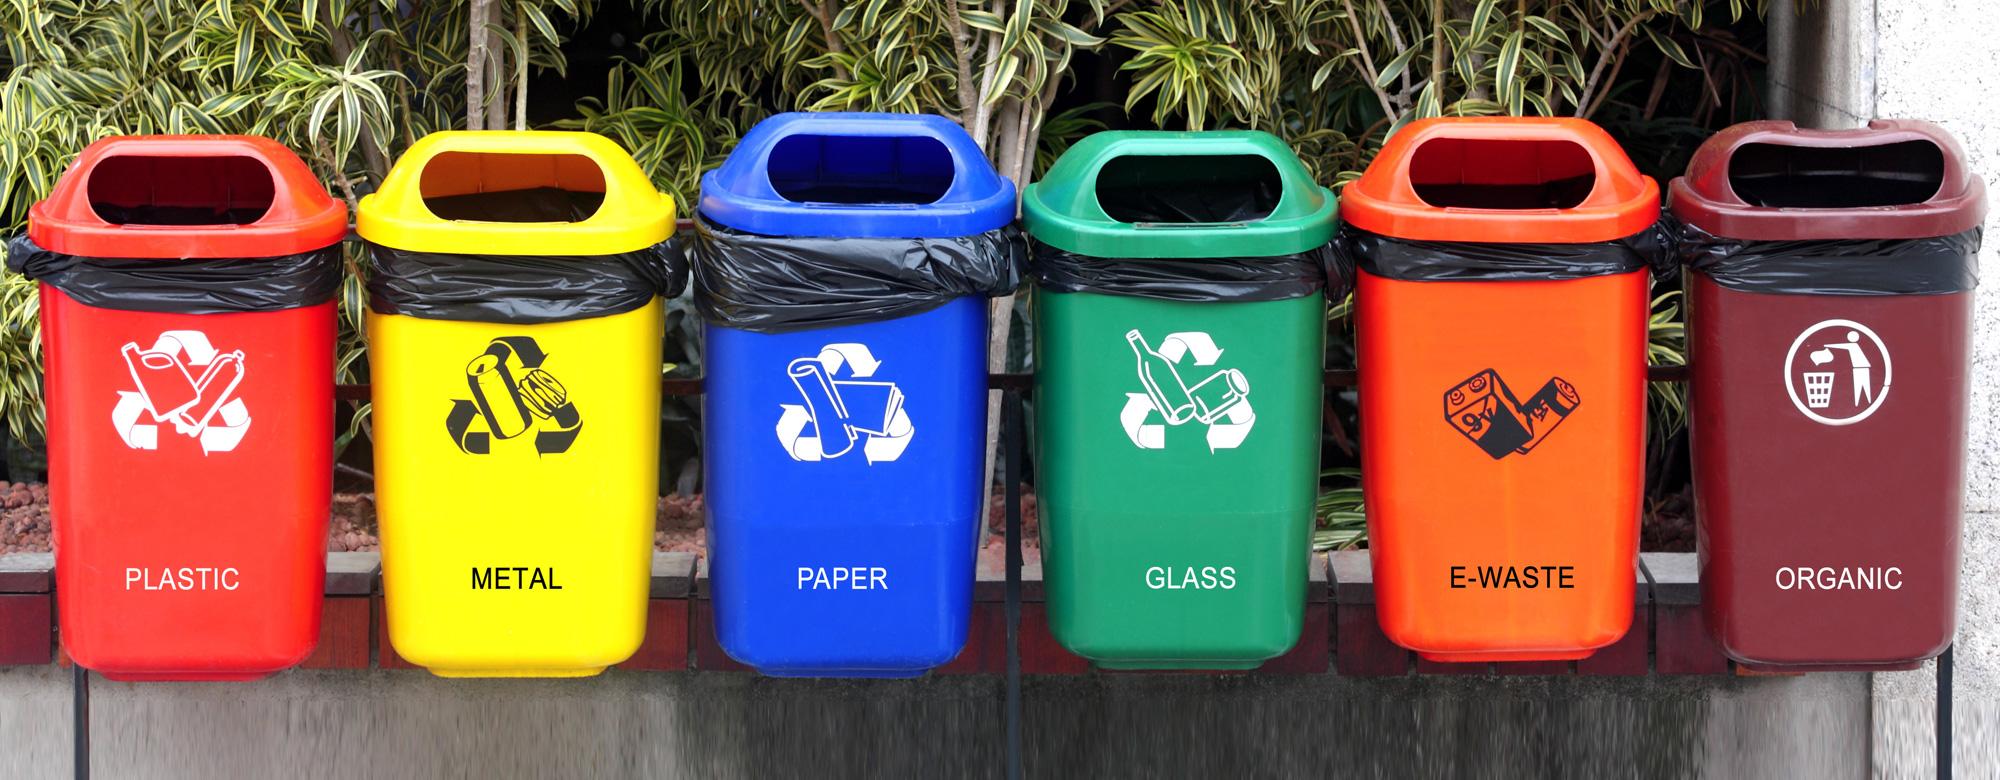 Rifiuti: linee guida sulla classificazione dei rifiuti SNPA - Pubblicato il Decreto di approvazione del MiTE